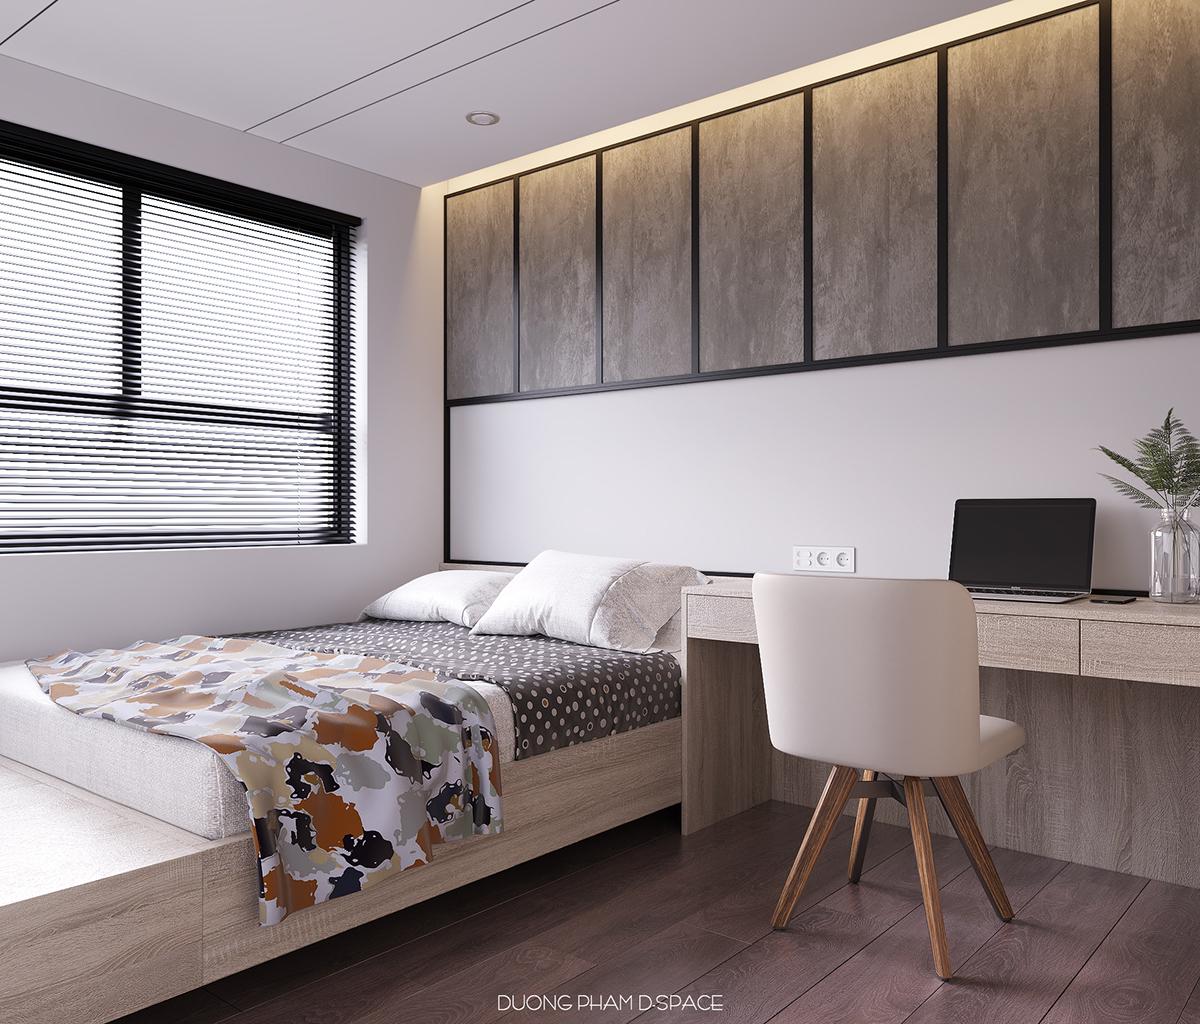 thiết kế nội thất chung cư tại Hồ Chí Minh Taiwan Apartment 5 1535512325